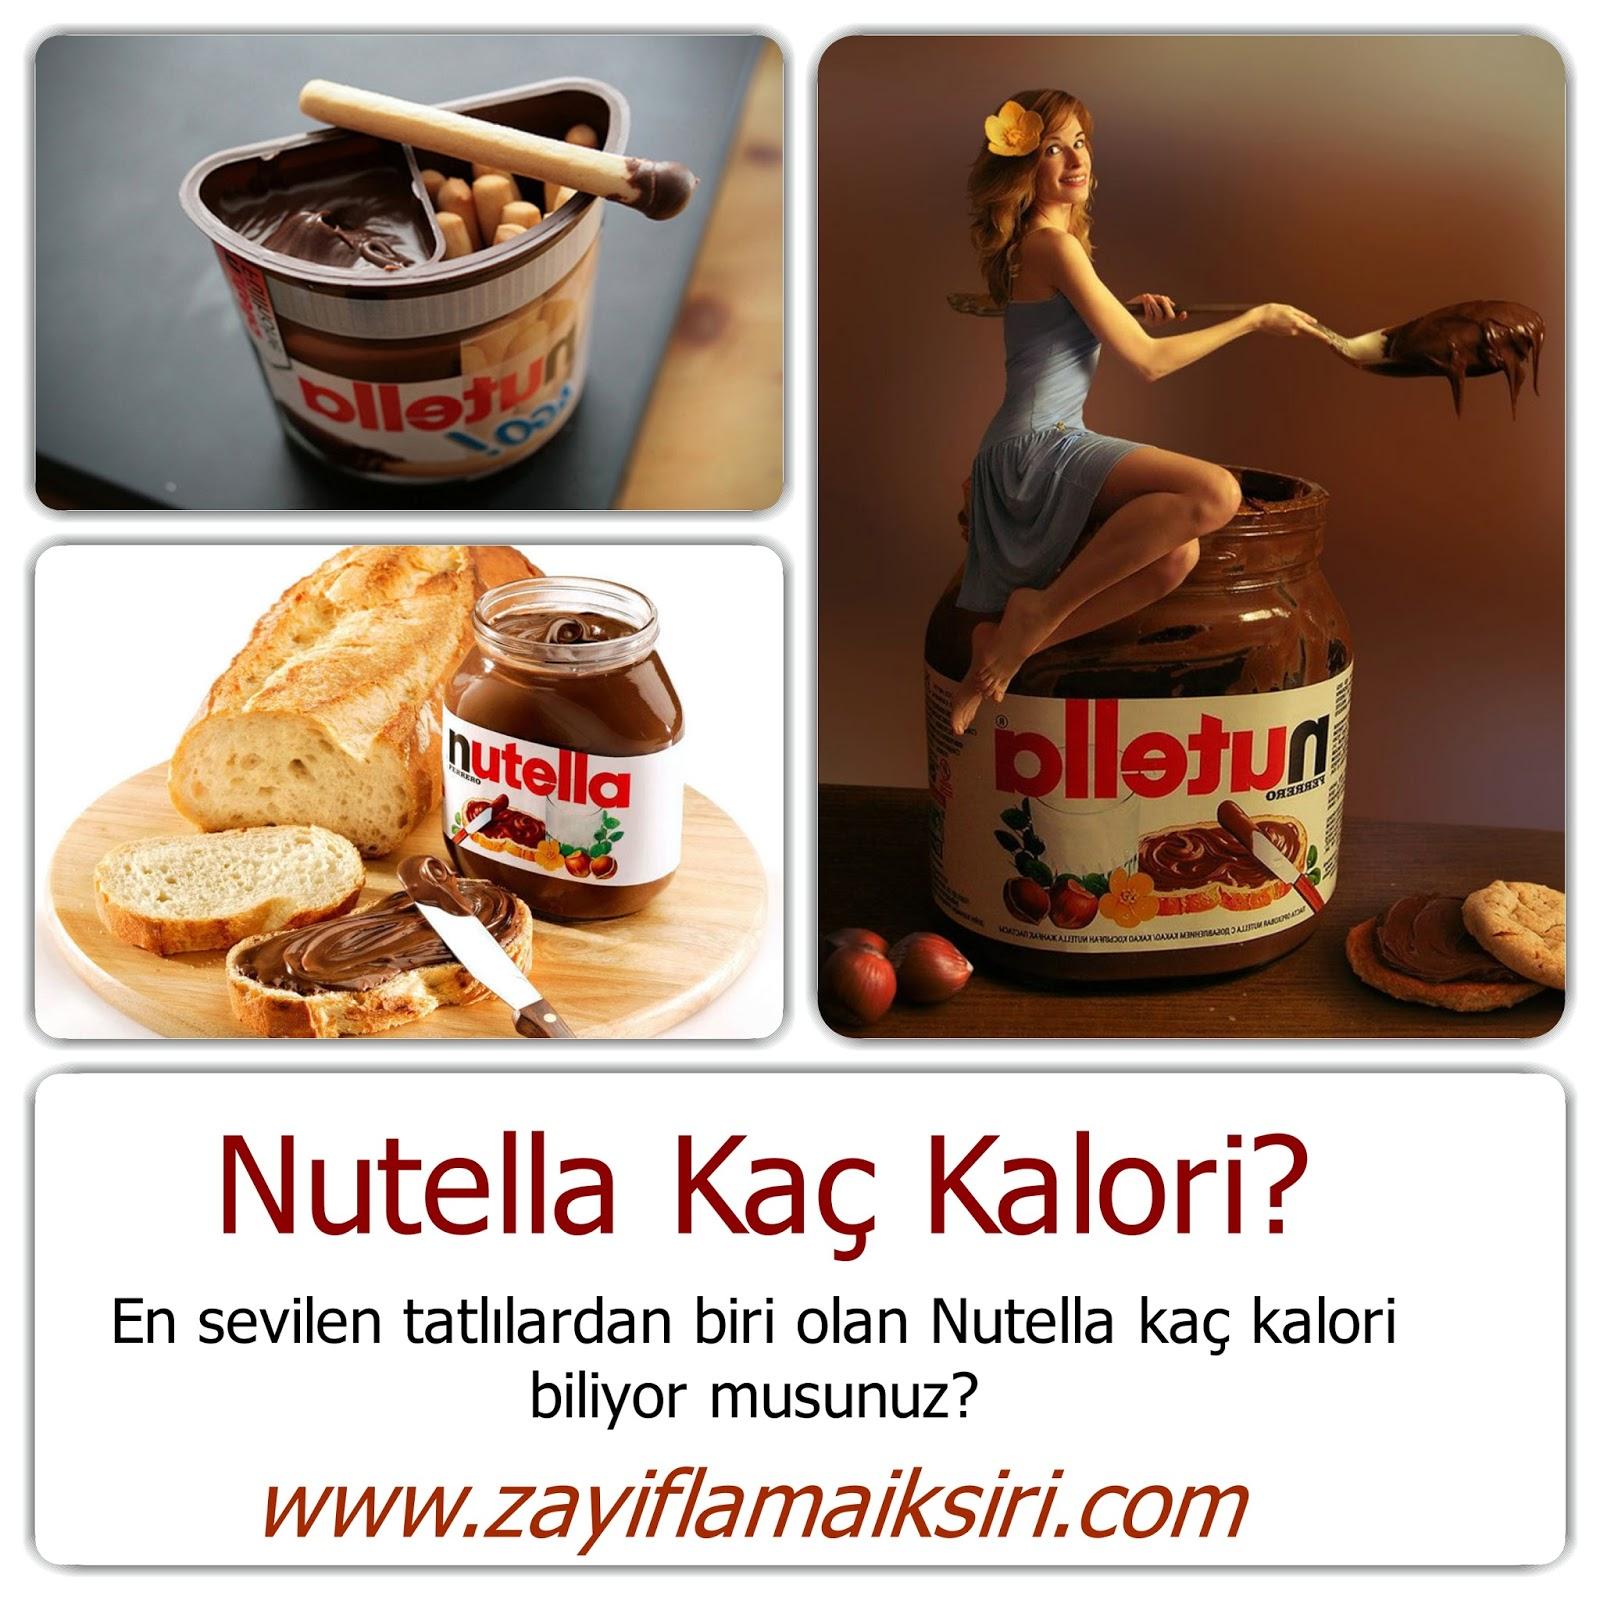 Nutella Kaç Kalori